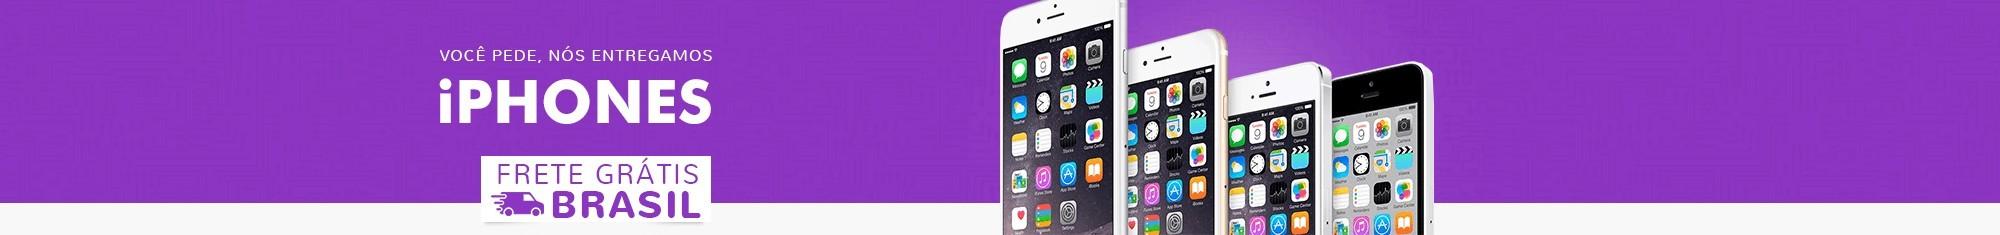 iPhone 7 Plus usado: 128gb e mais em oferta